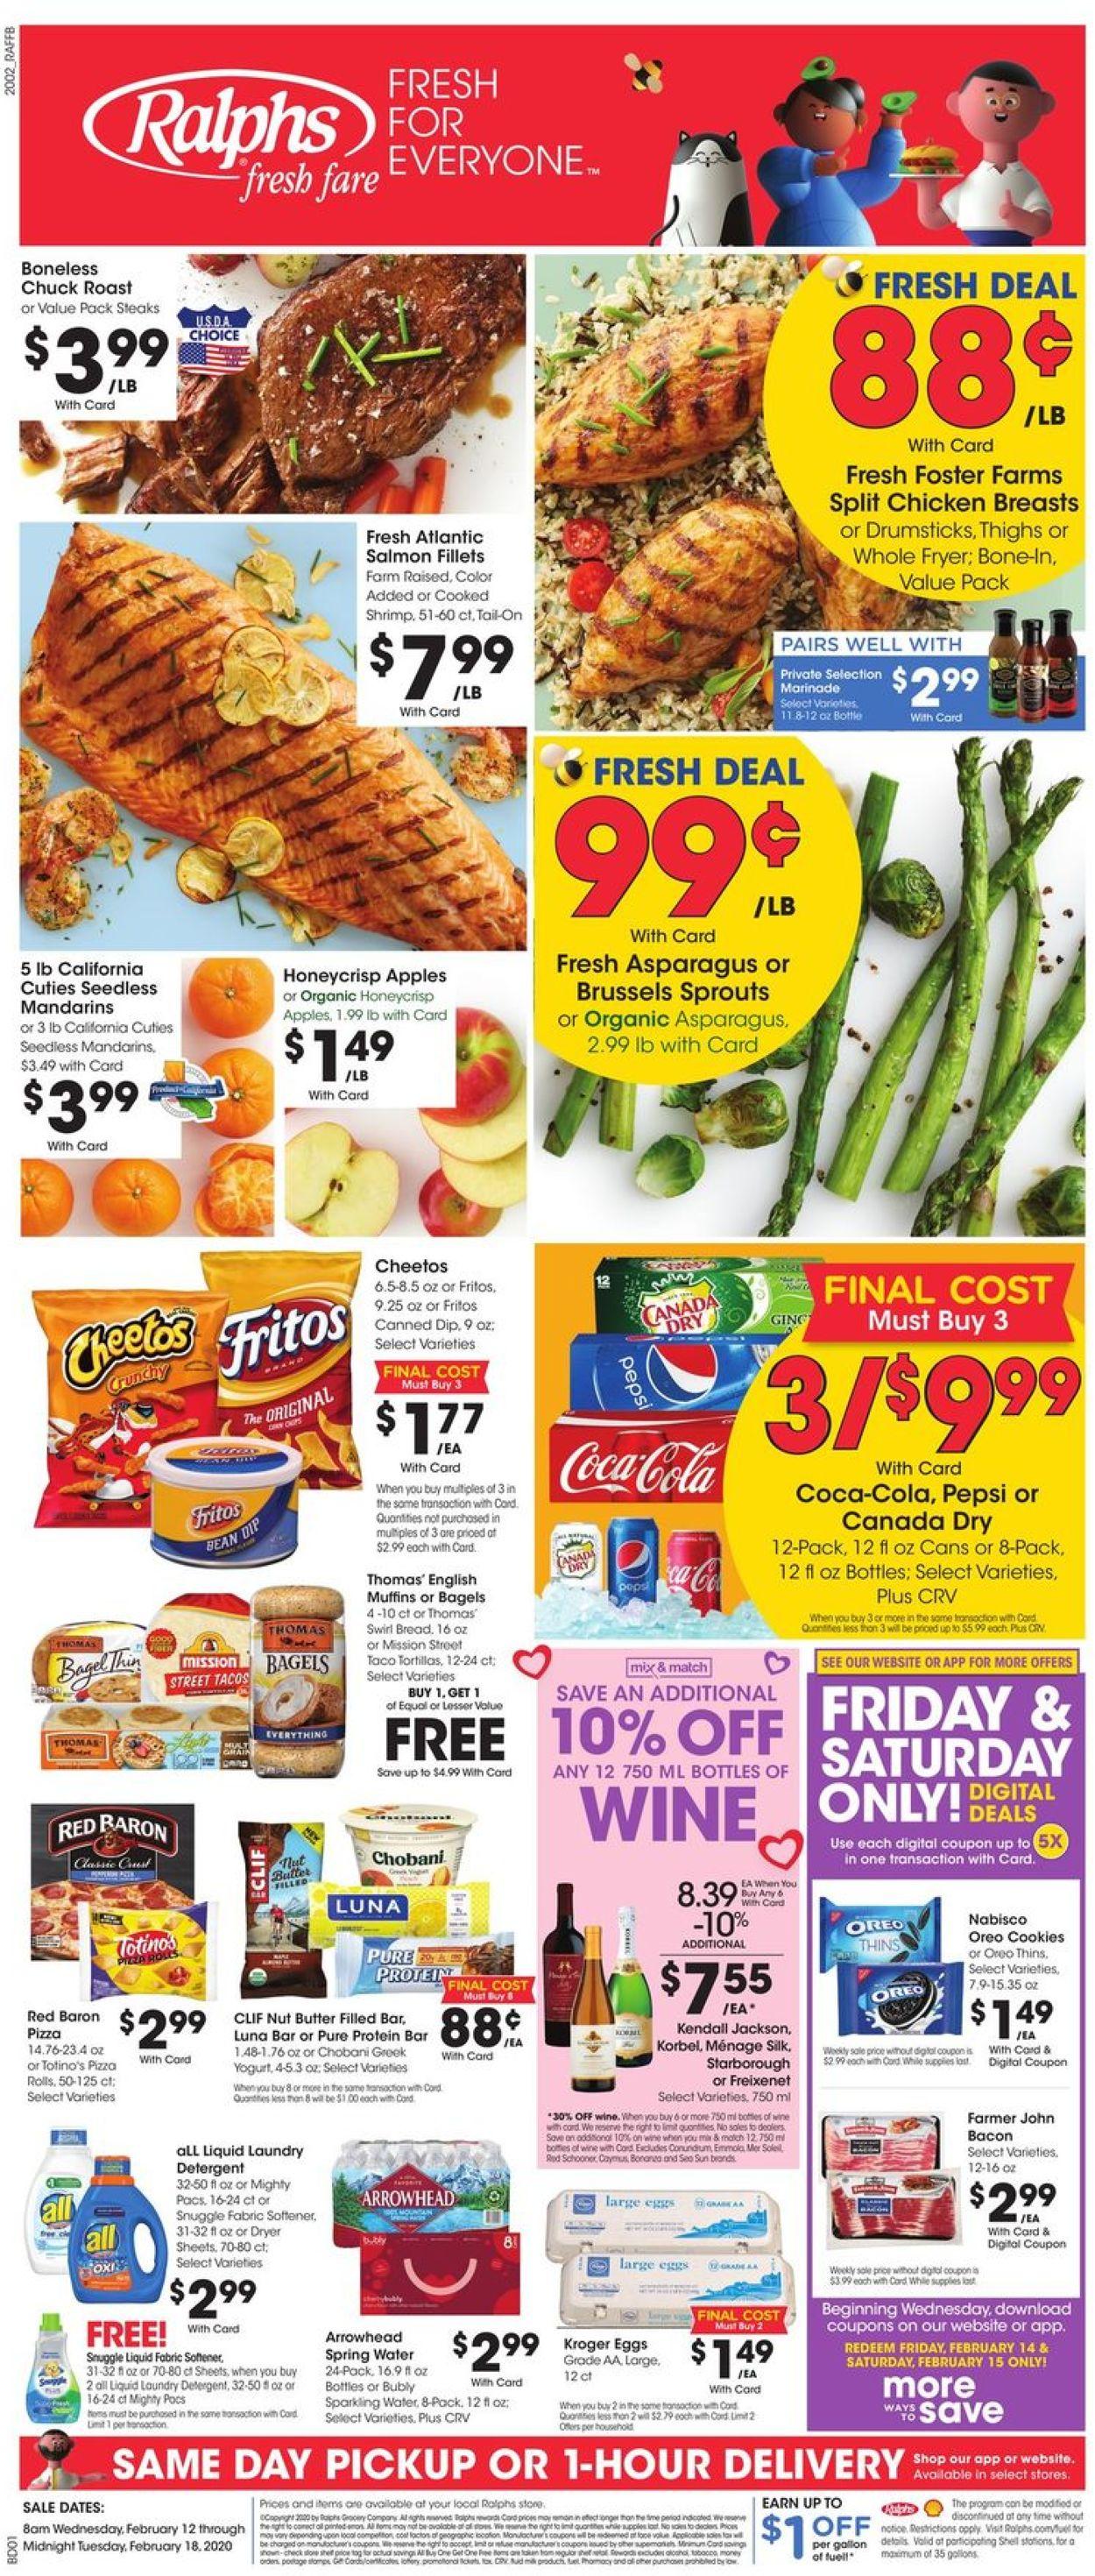 Ralphs Weekly Ad Circular - valid 02/12-02/18/2020